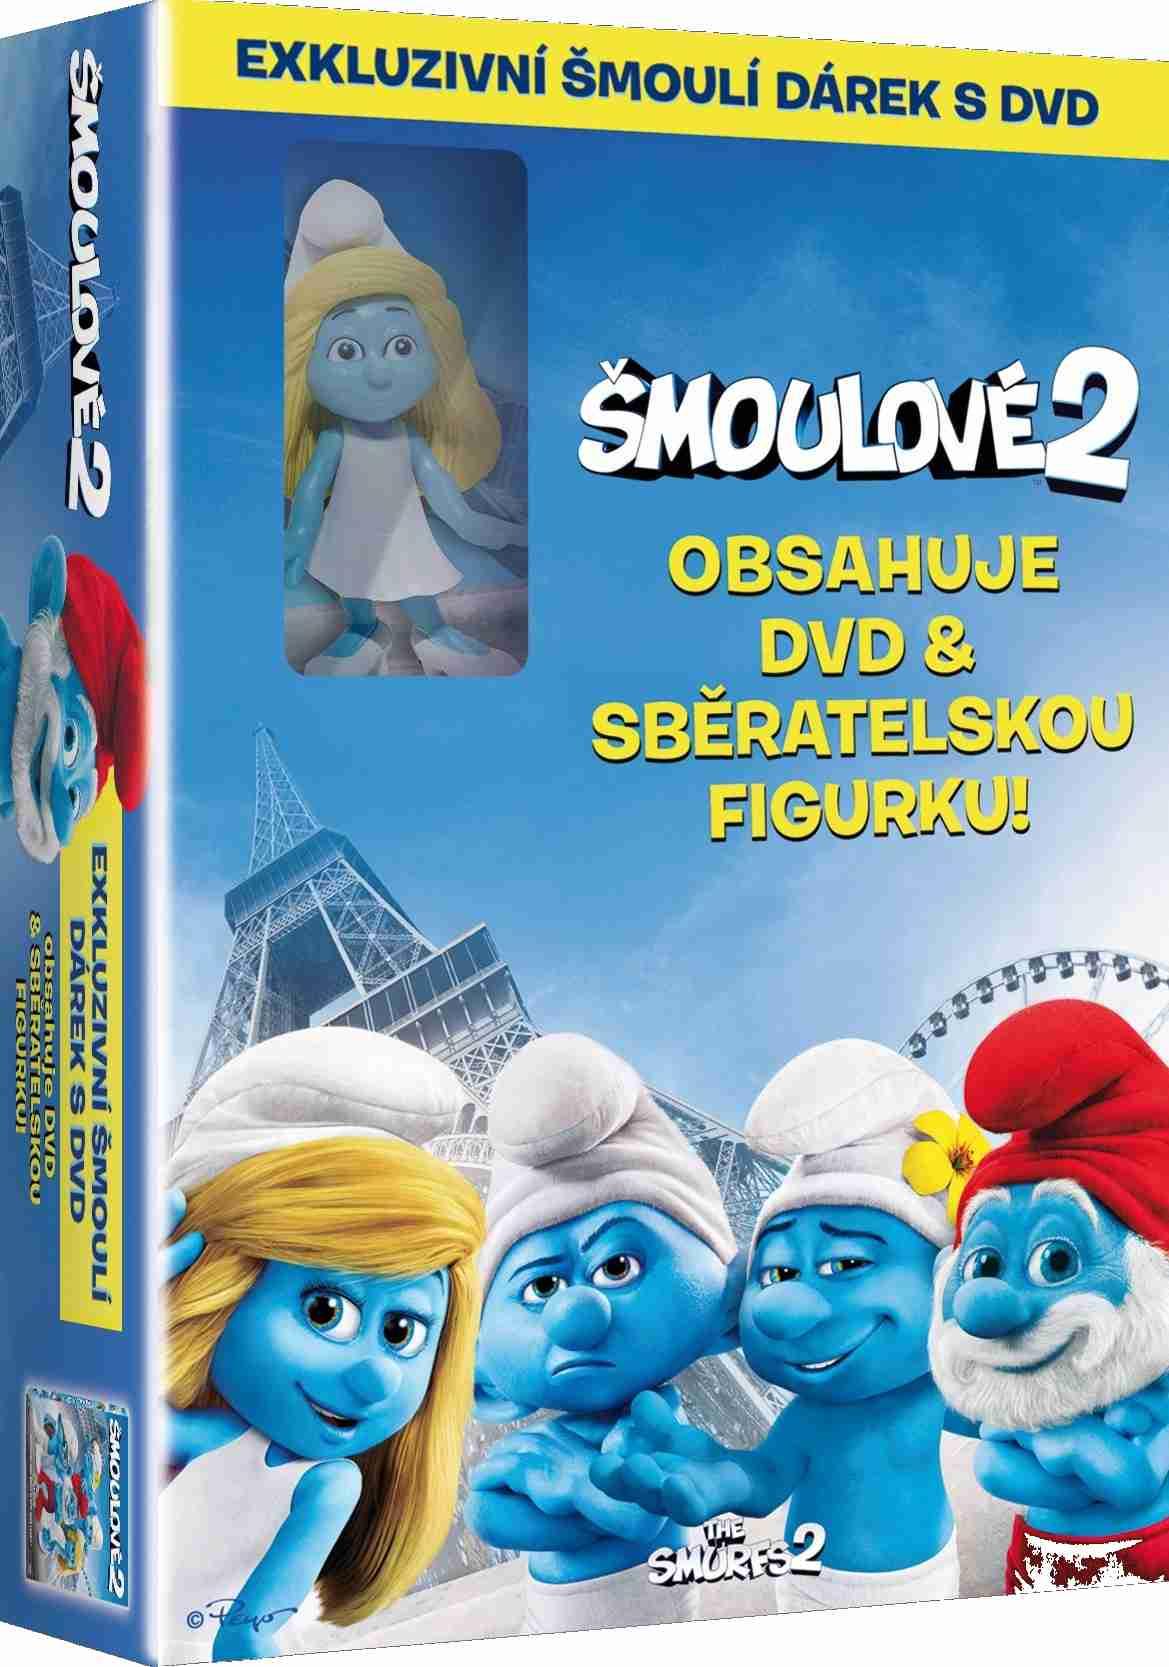 ŠMOULOVÉ 2 (2013) - DVD + figurka Šmoulinka